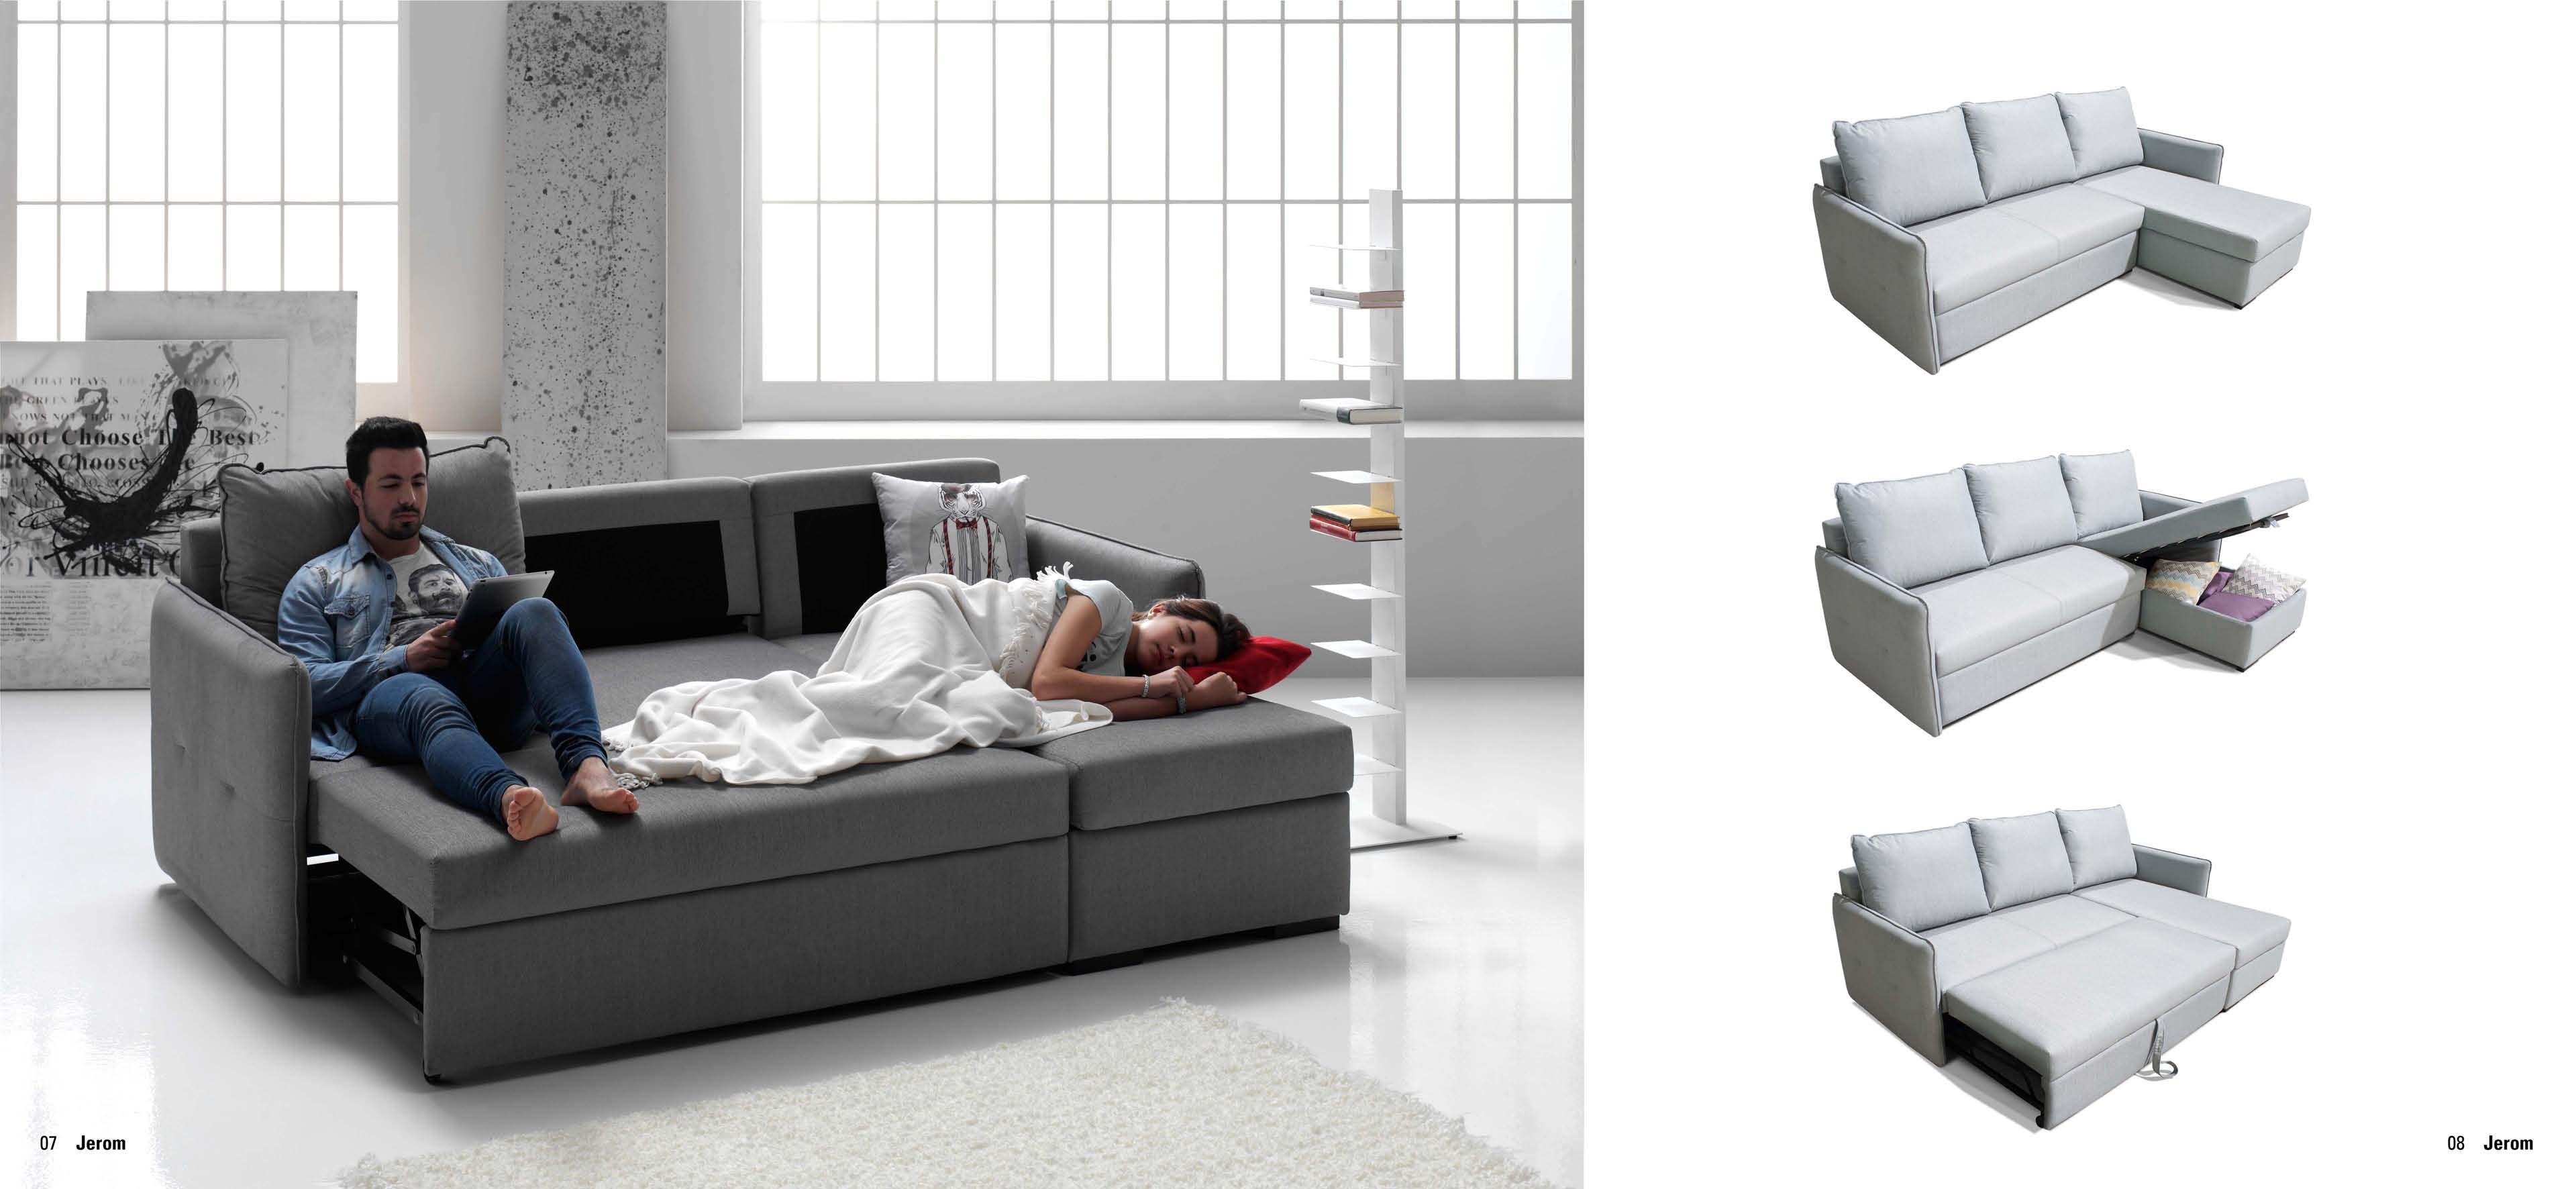 Sof cama chaisse longue con arc n muebles adama tienda - Camas con arcon ...